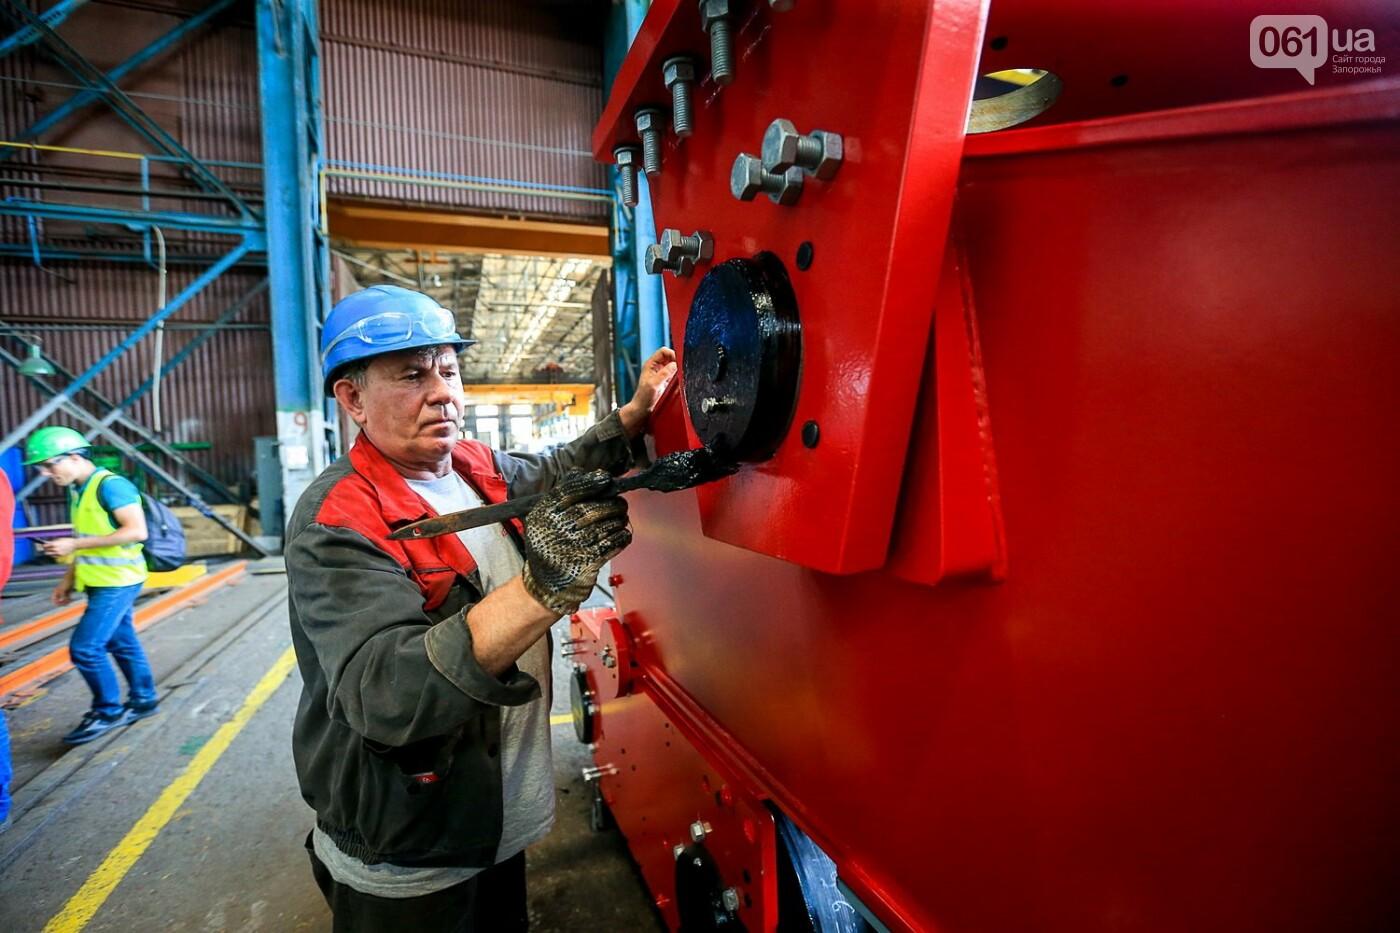 Как в Запорожье работает крупнейший в Европе завод по производству кранов: экскурсия на производство, — ФОТОРЕПОРТАЖ, фото-68